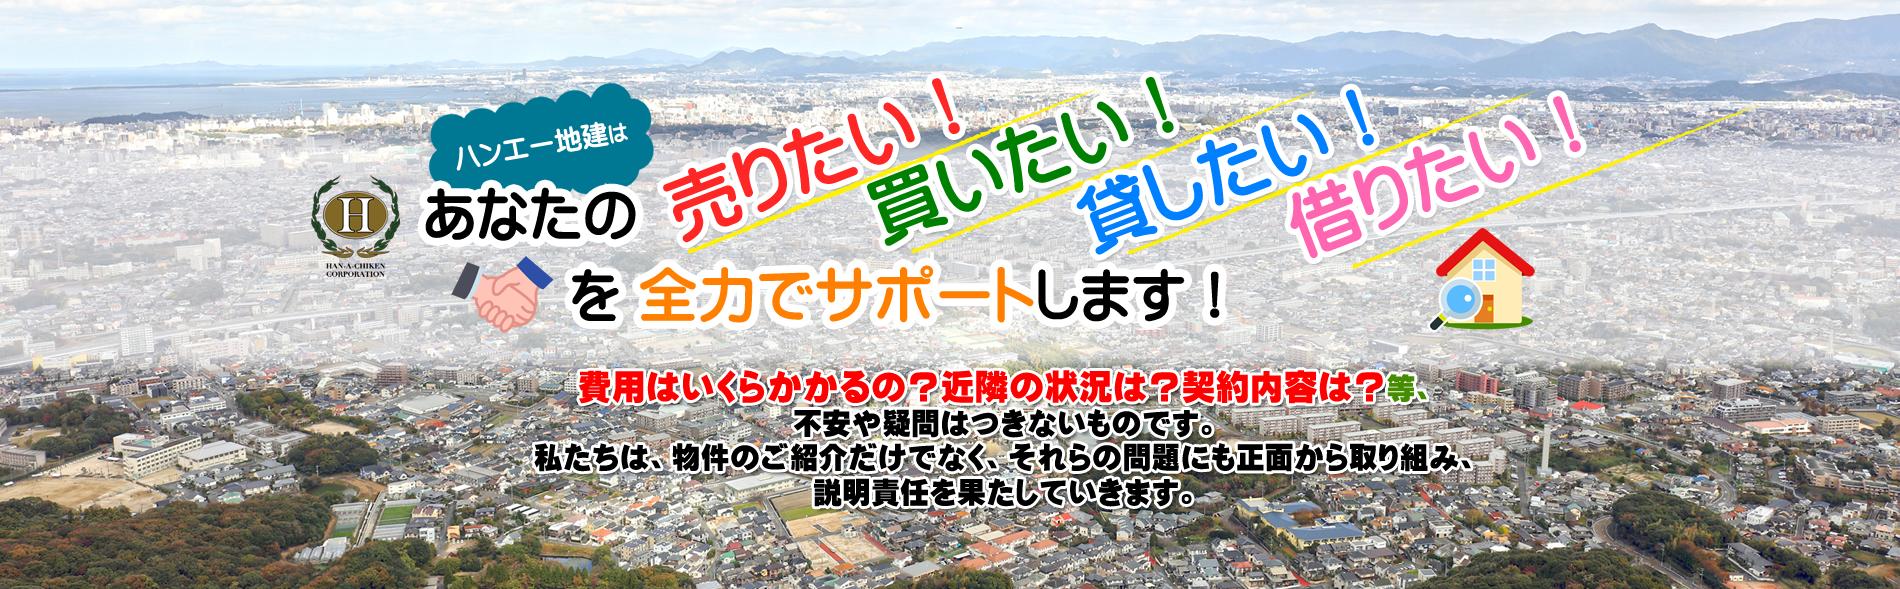 ハンエー地建株式会社 福岡市南区長住の不動産会社です。賃貸売買不動産